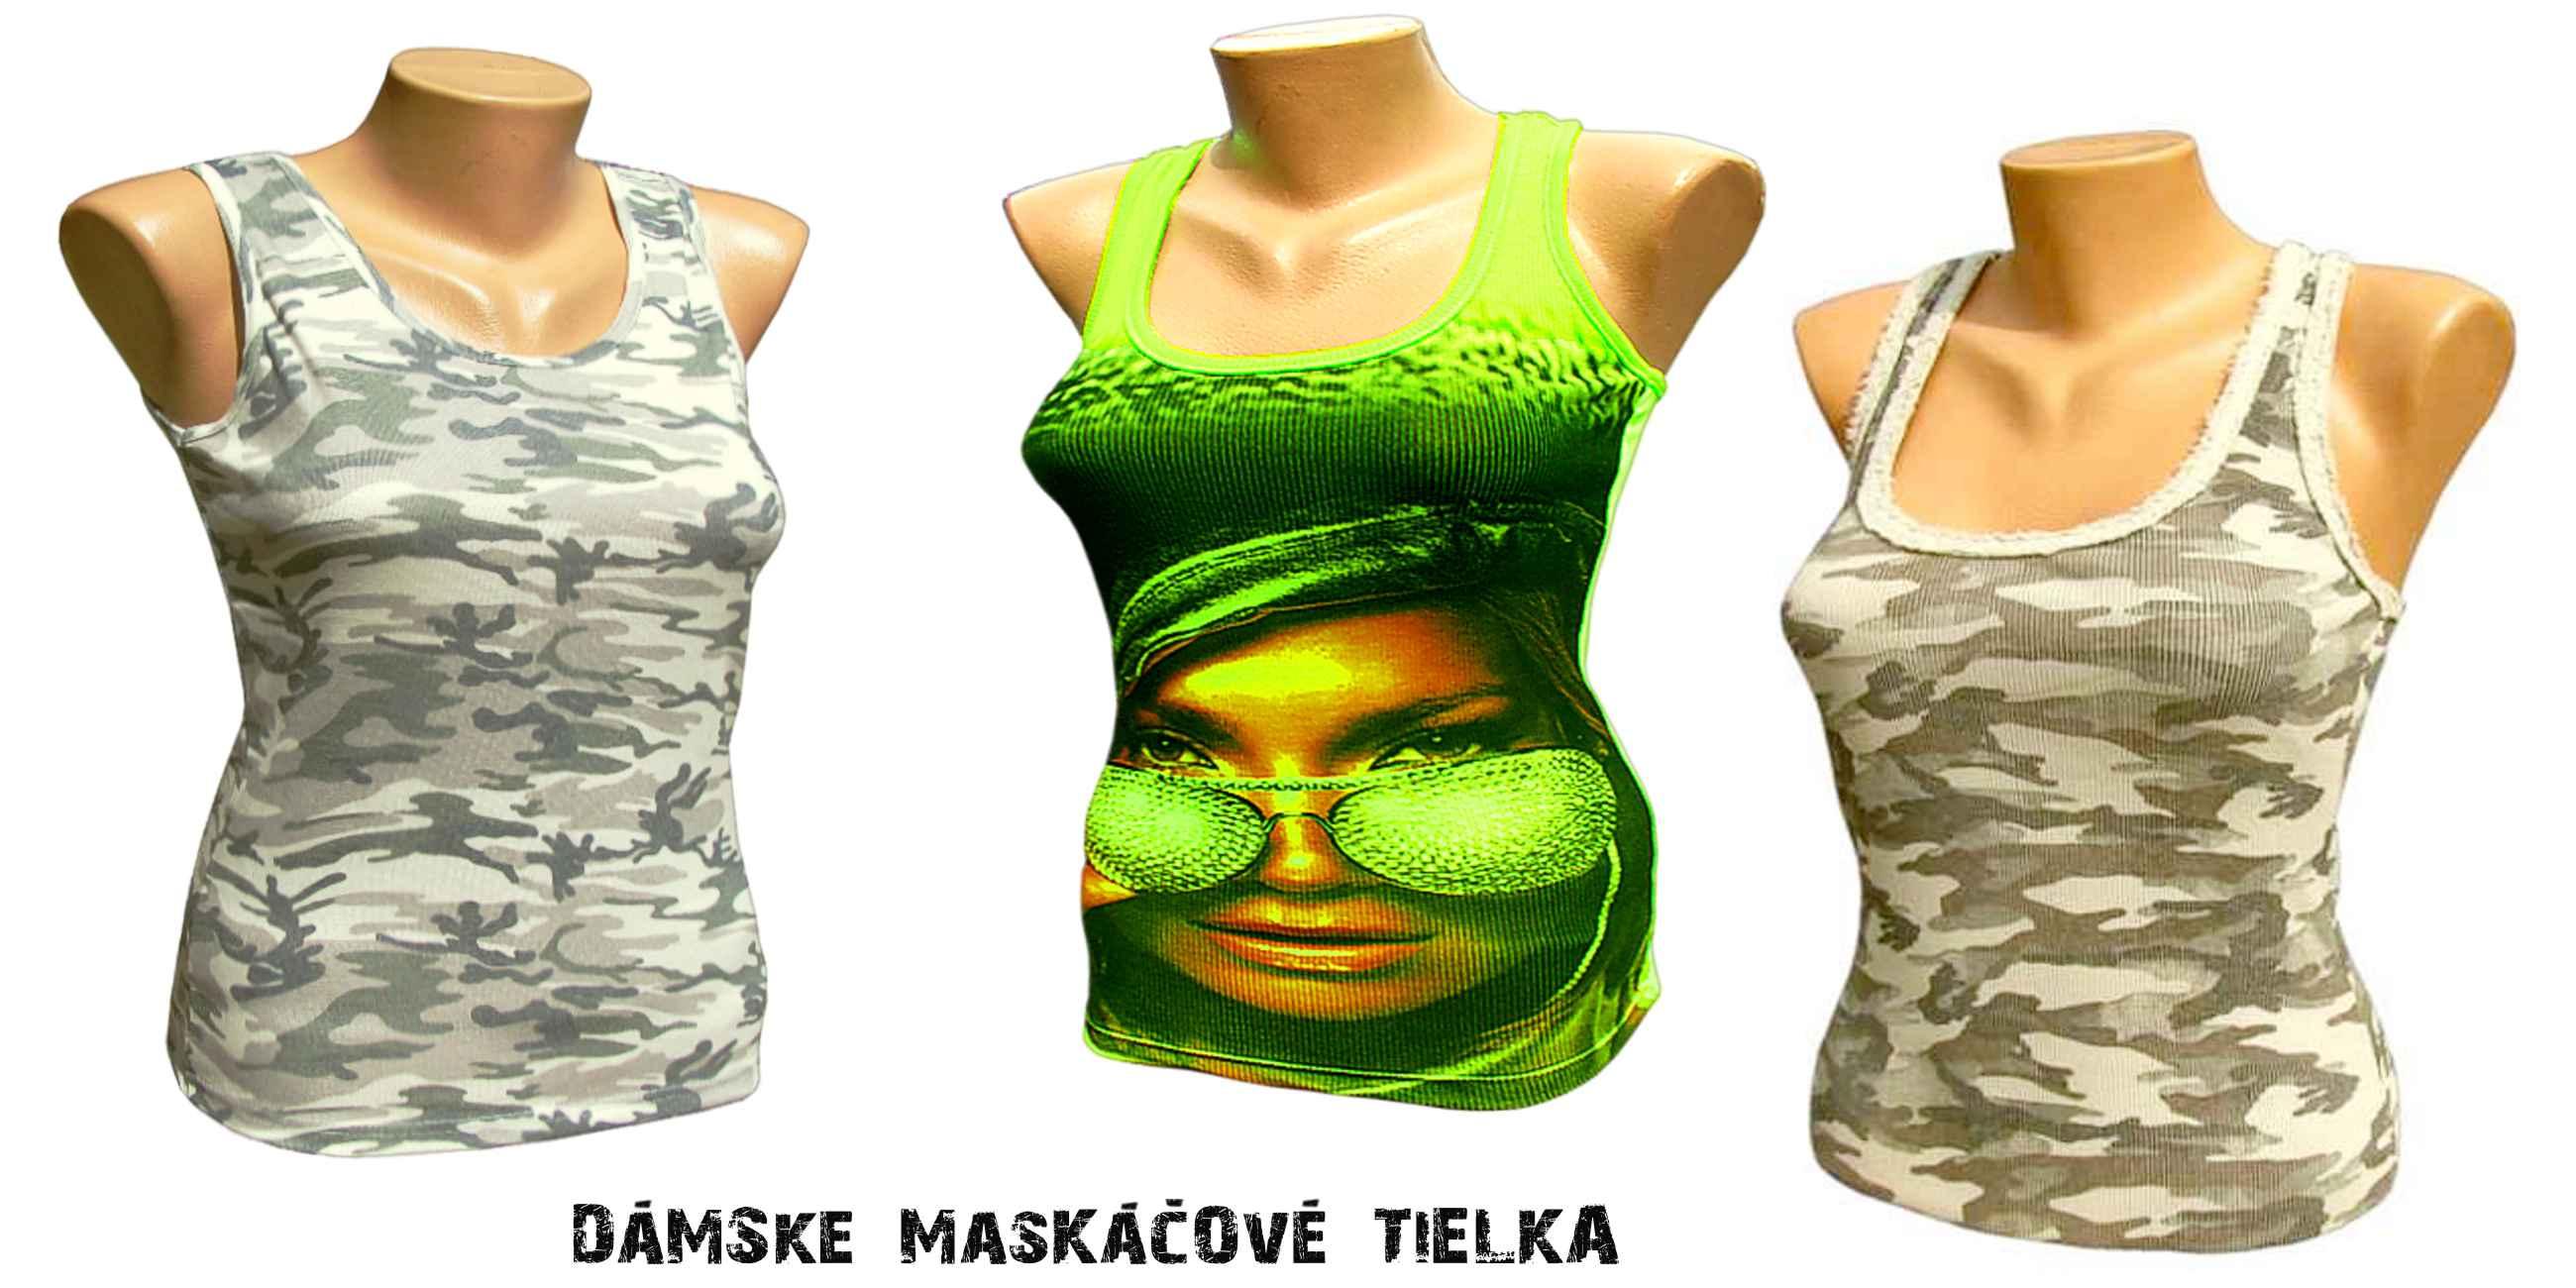 bc6cbb61f1b0 Dámske maskáčové tielka - maskáče pre ženy ...